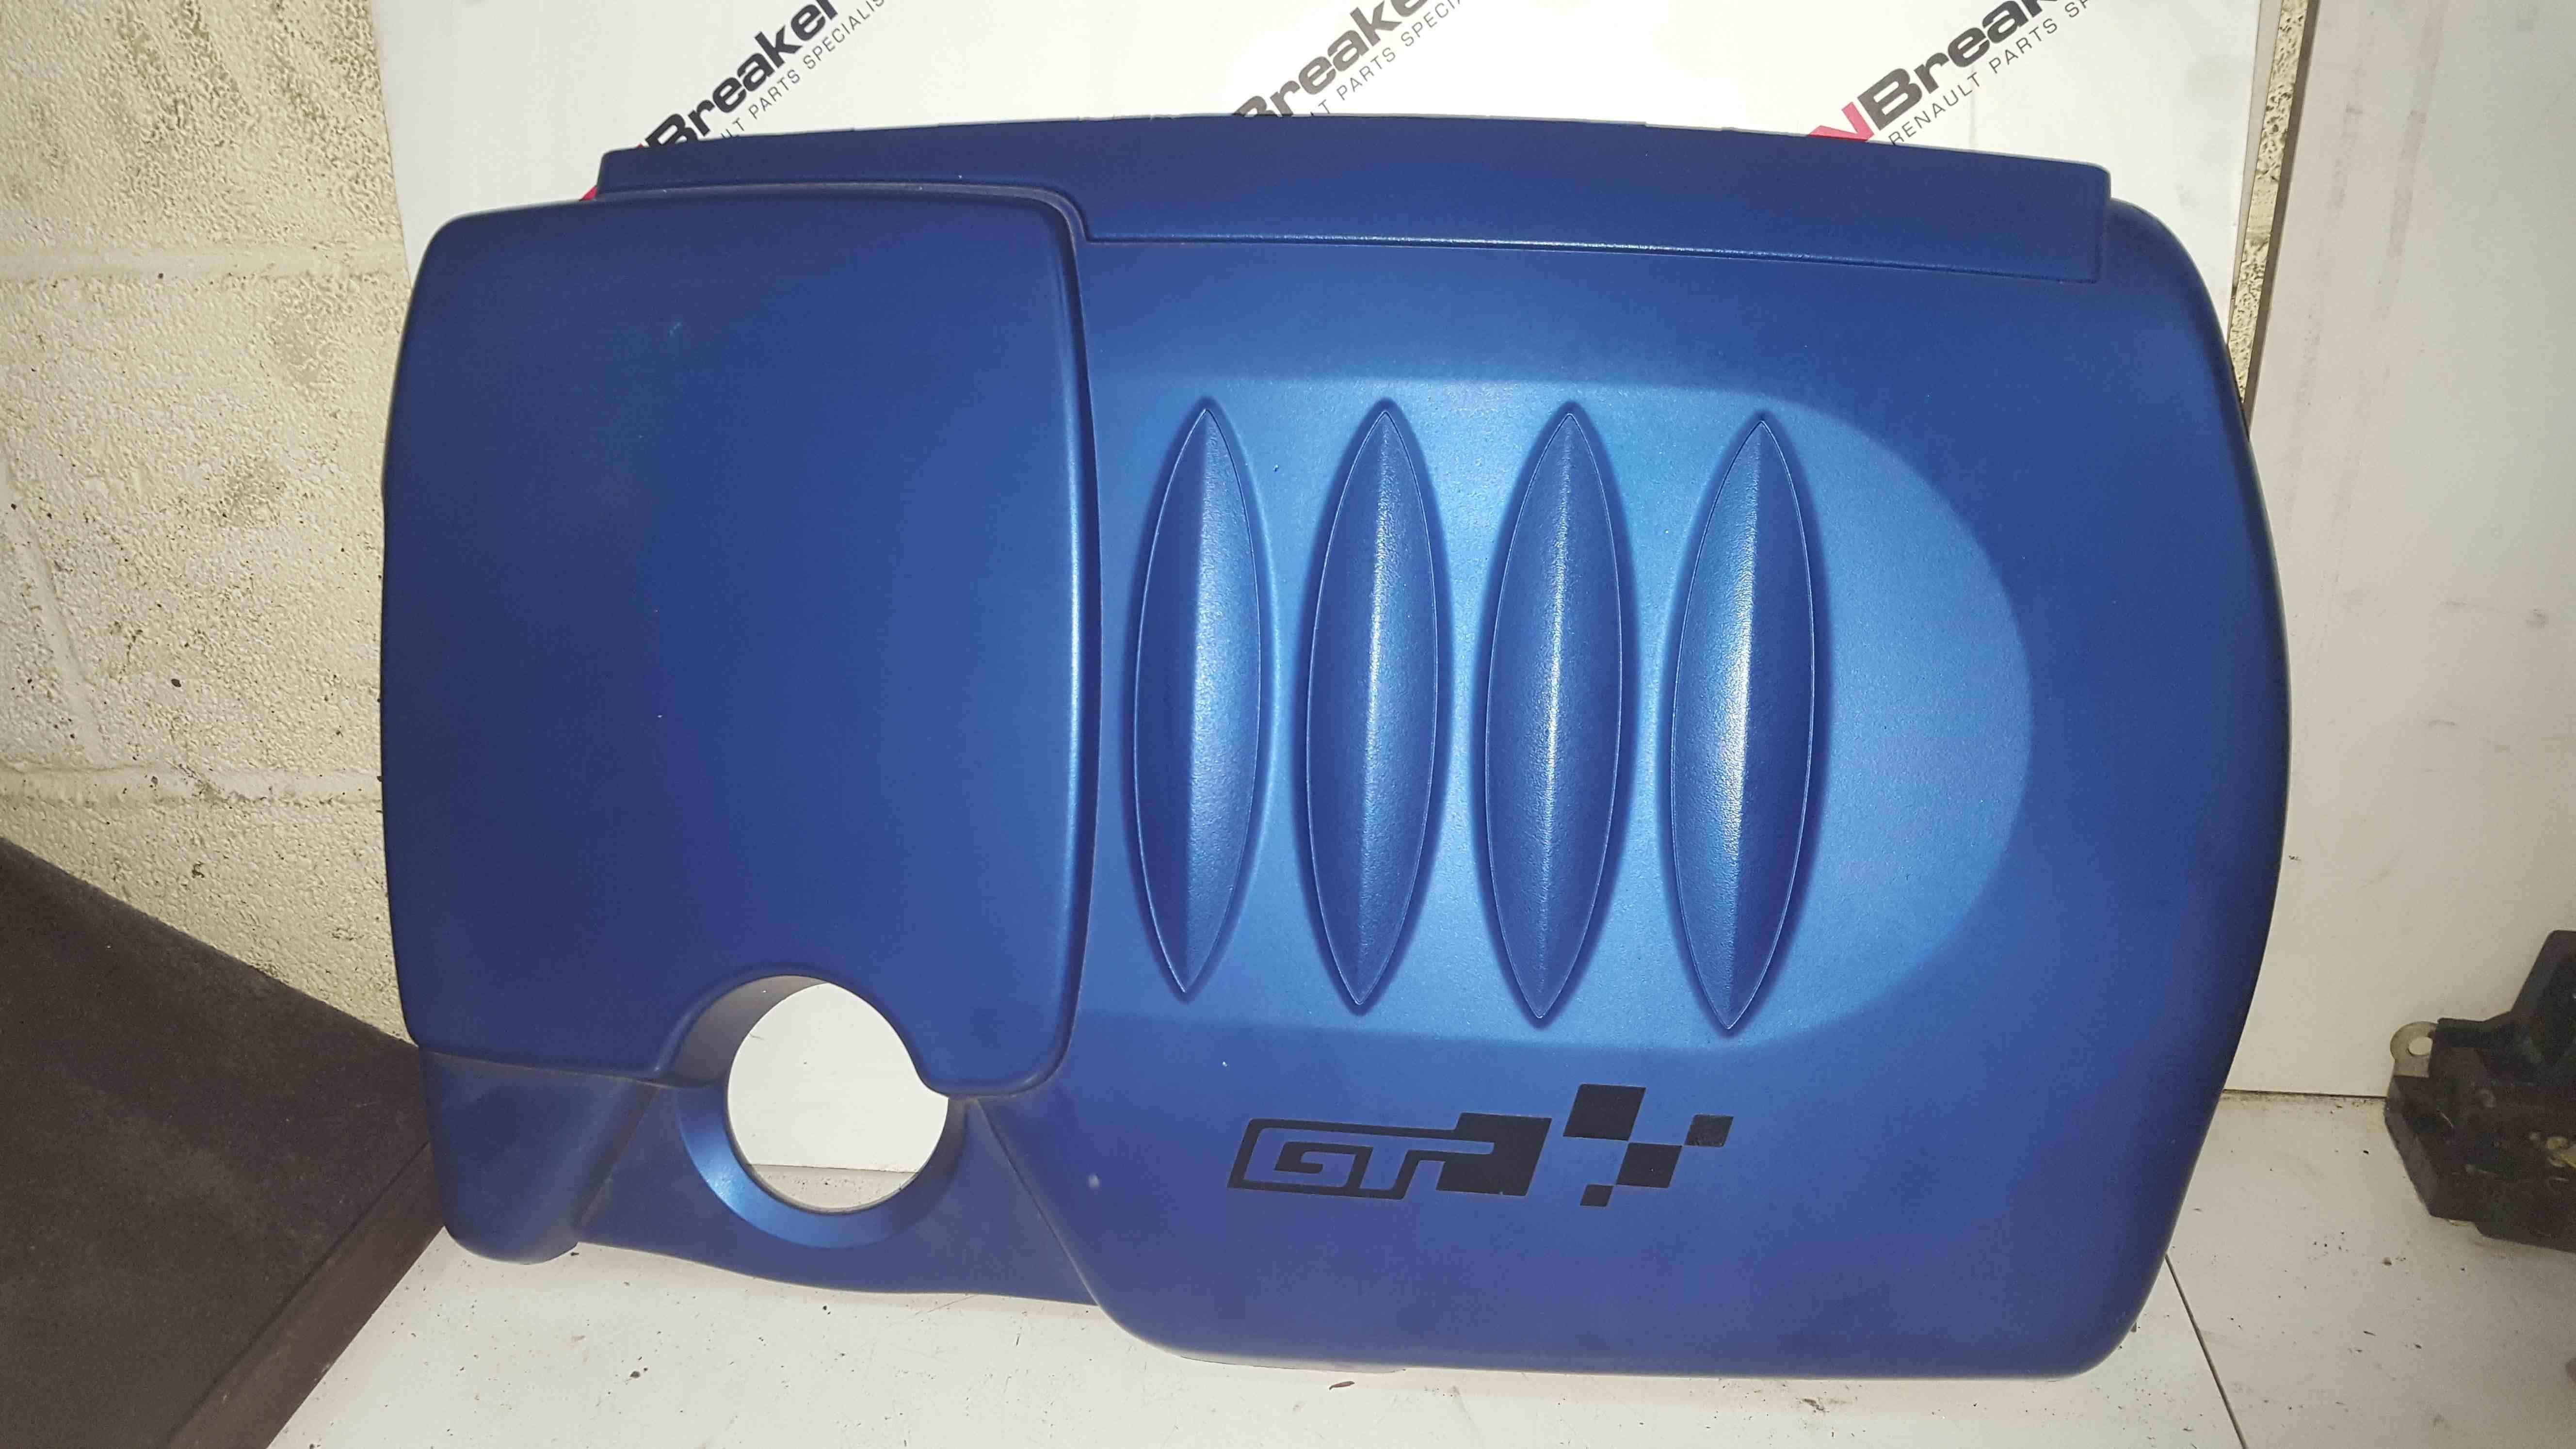 Renault Megane MK2 GT 2006-2008 2.0 DCi Engine Cover Blue